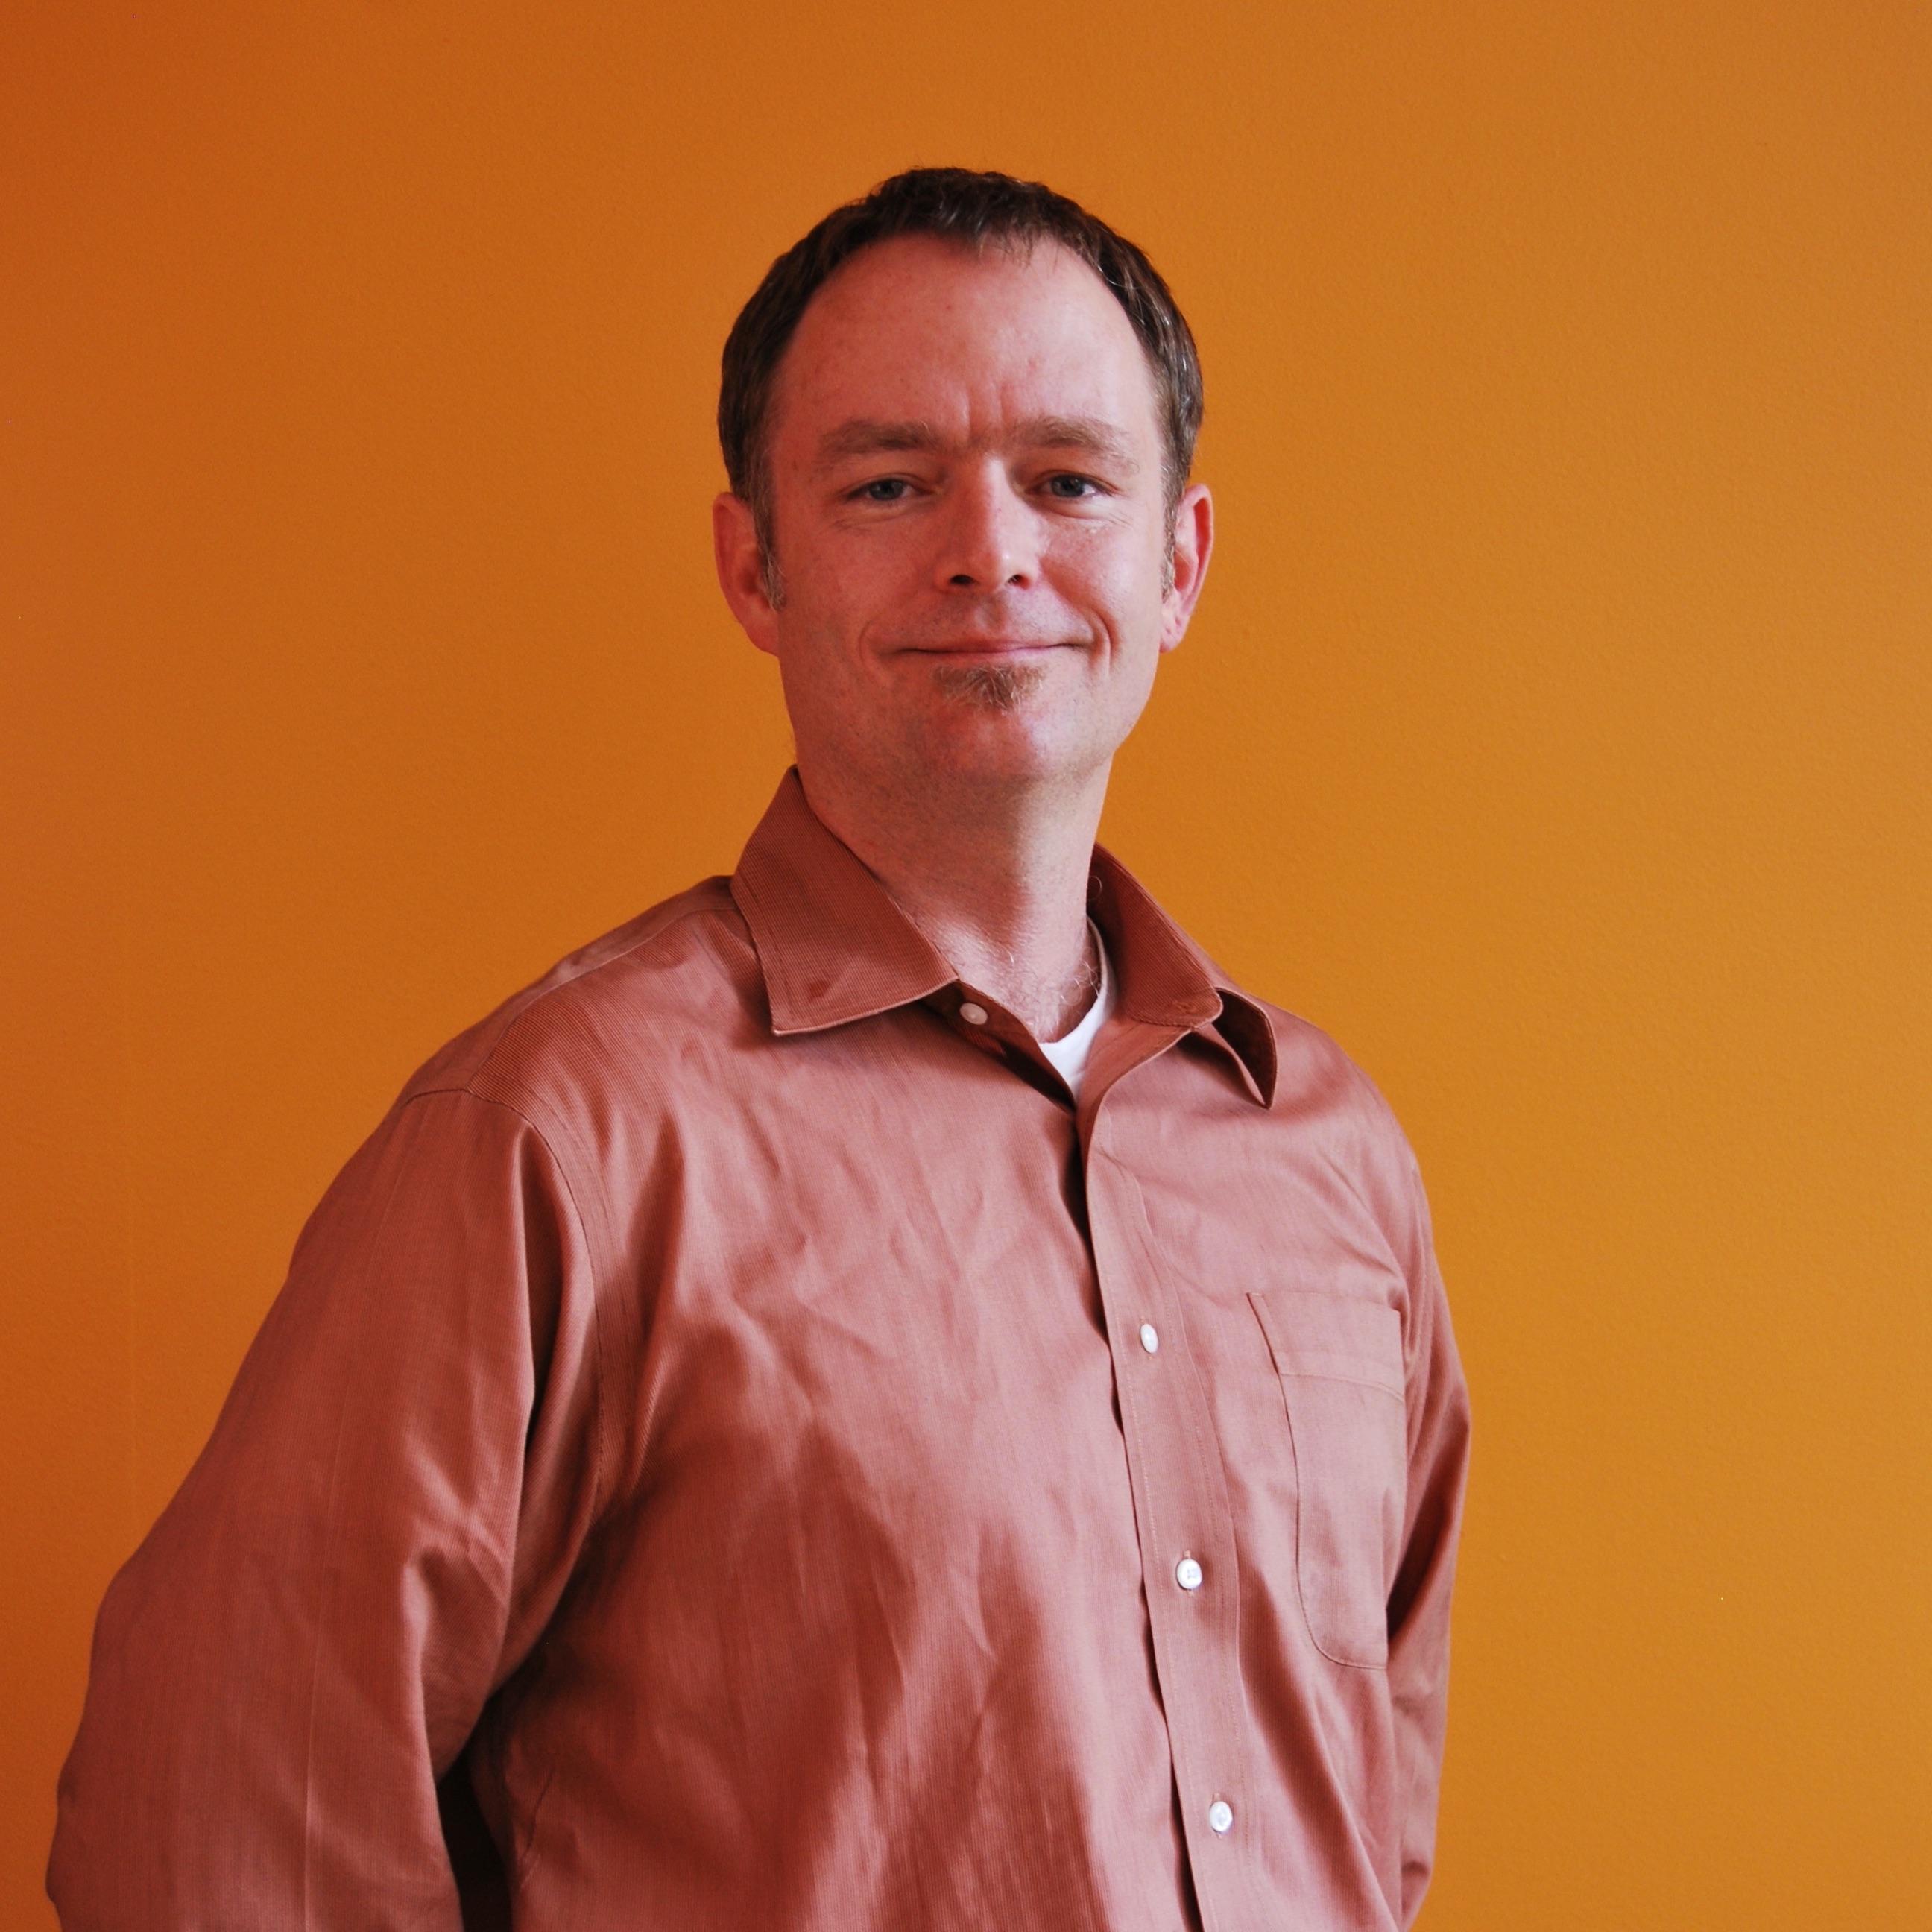 Alan Psmythe